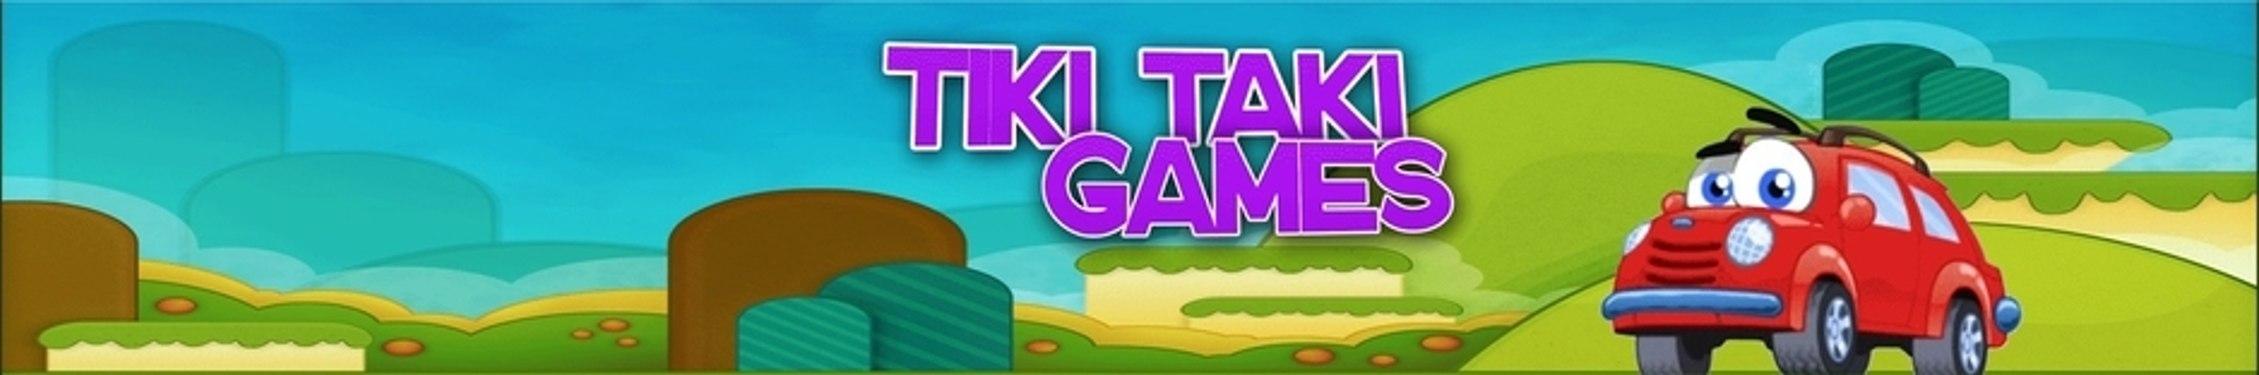 Tiki Taki Games